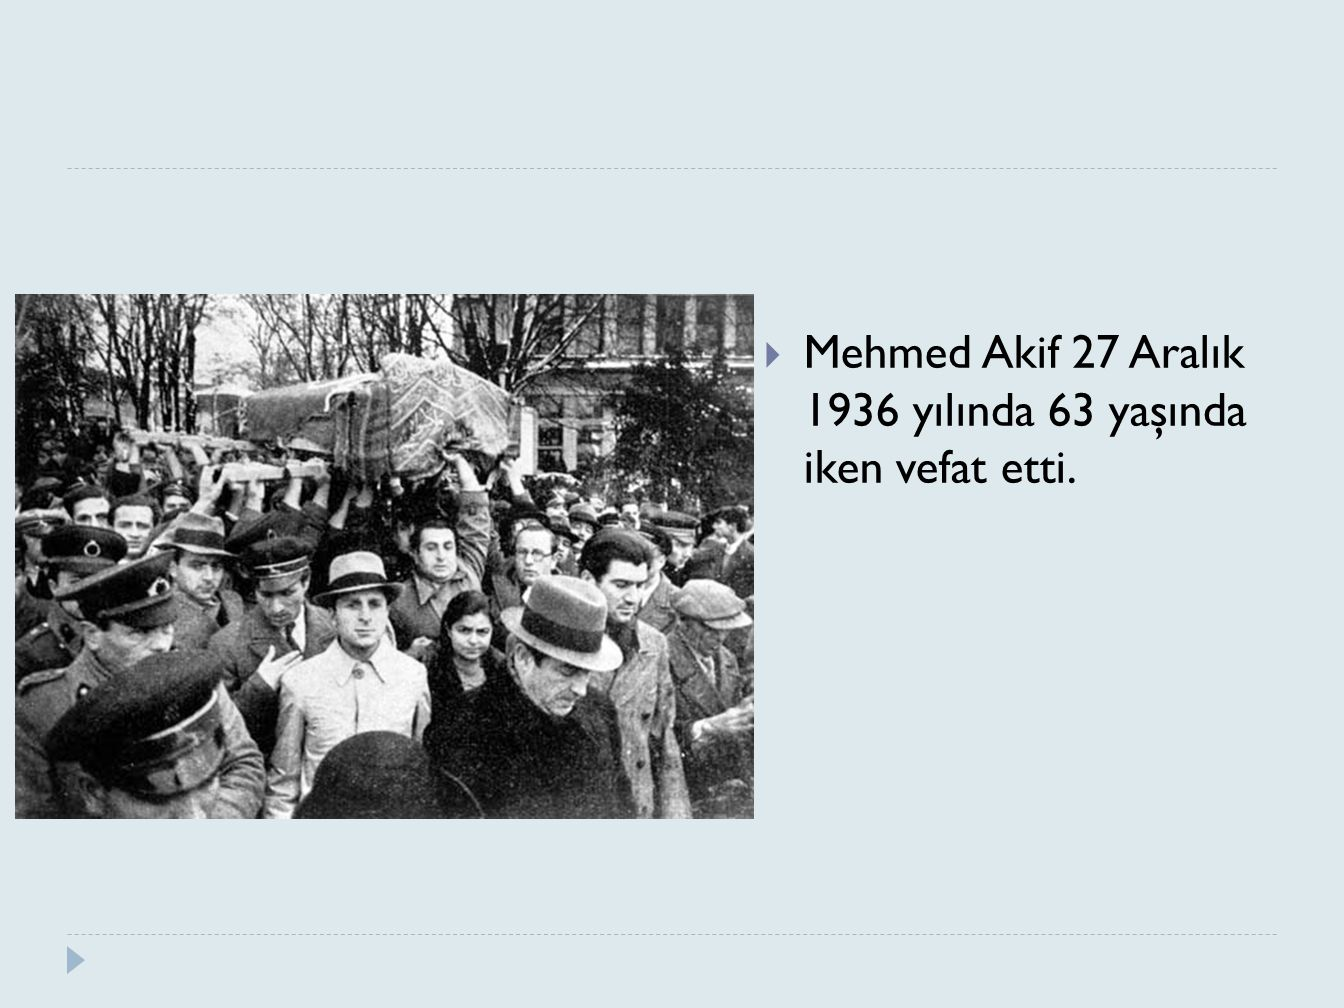 Mehmed Akif 27 Aralık 1936 yılında 63 yaşında iken vefat etti.